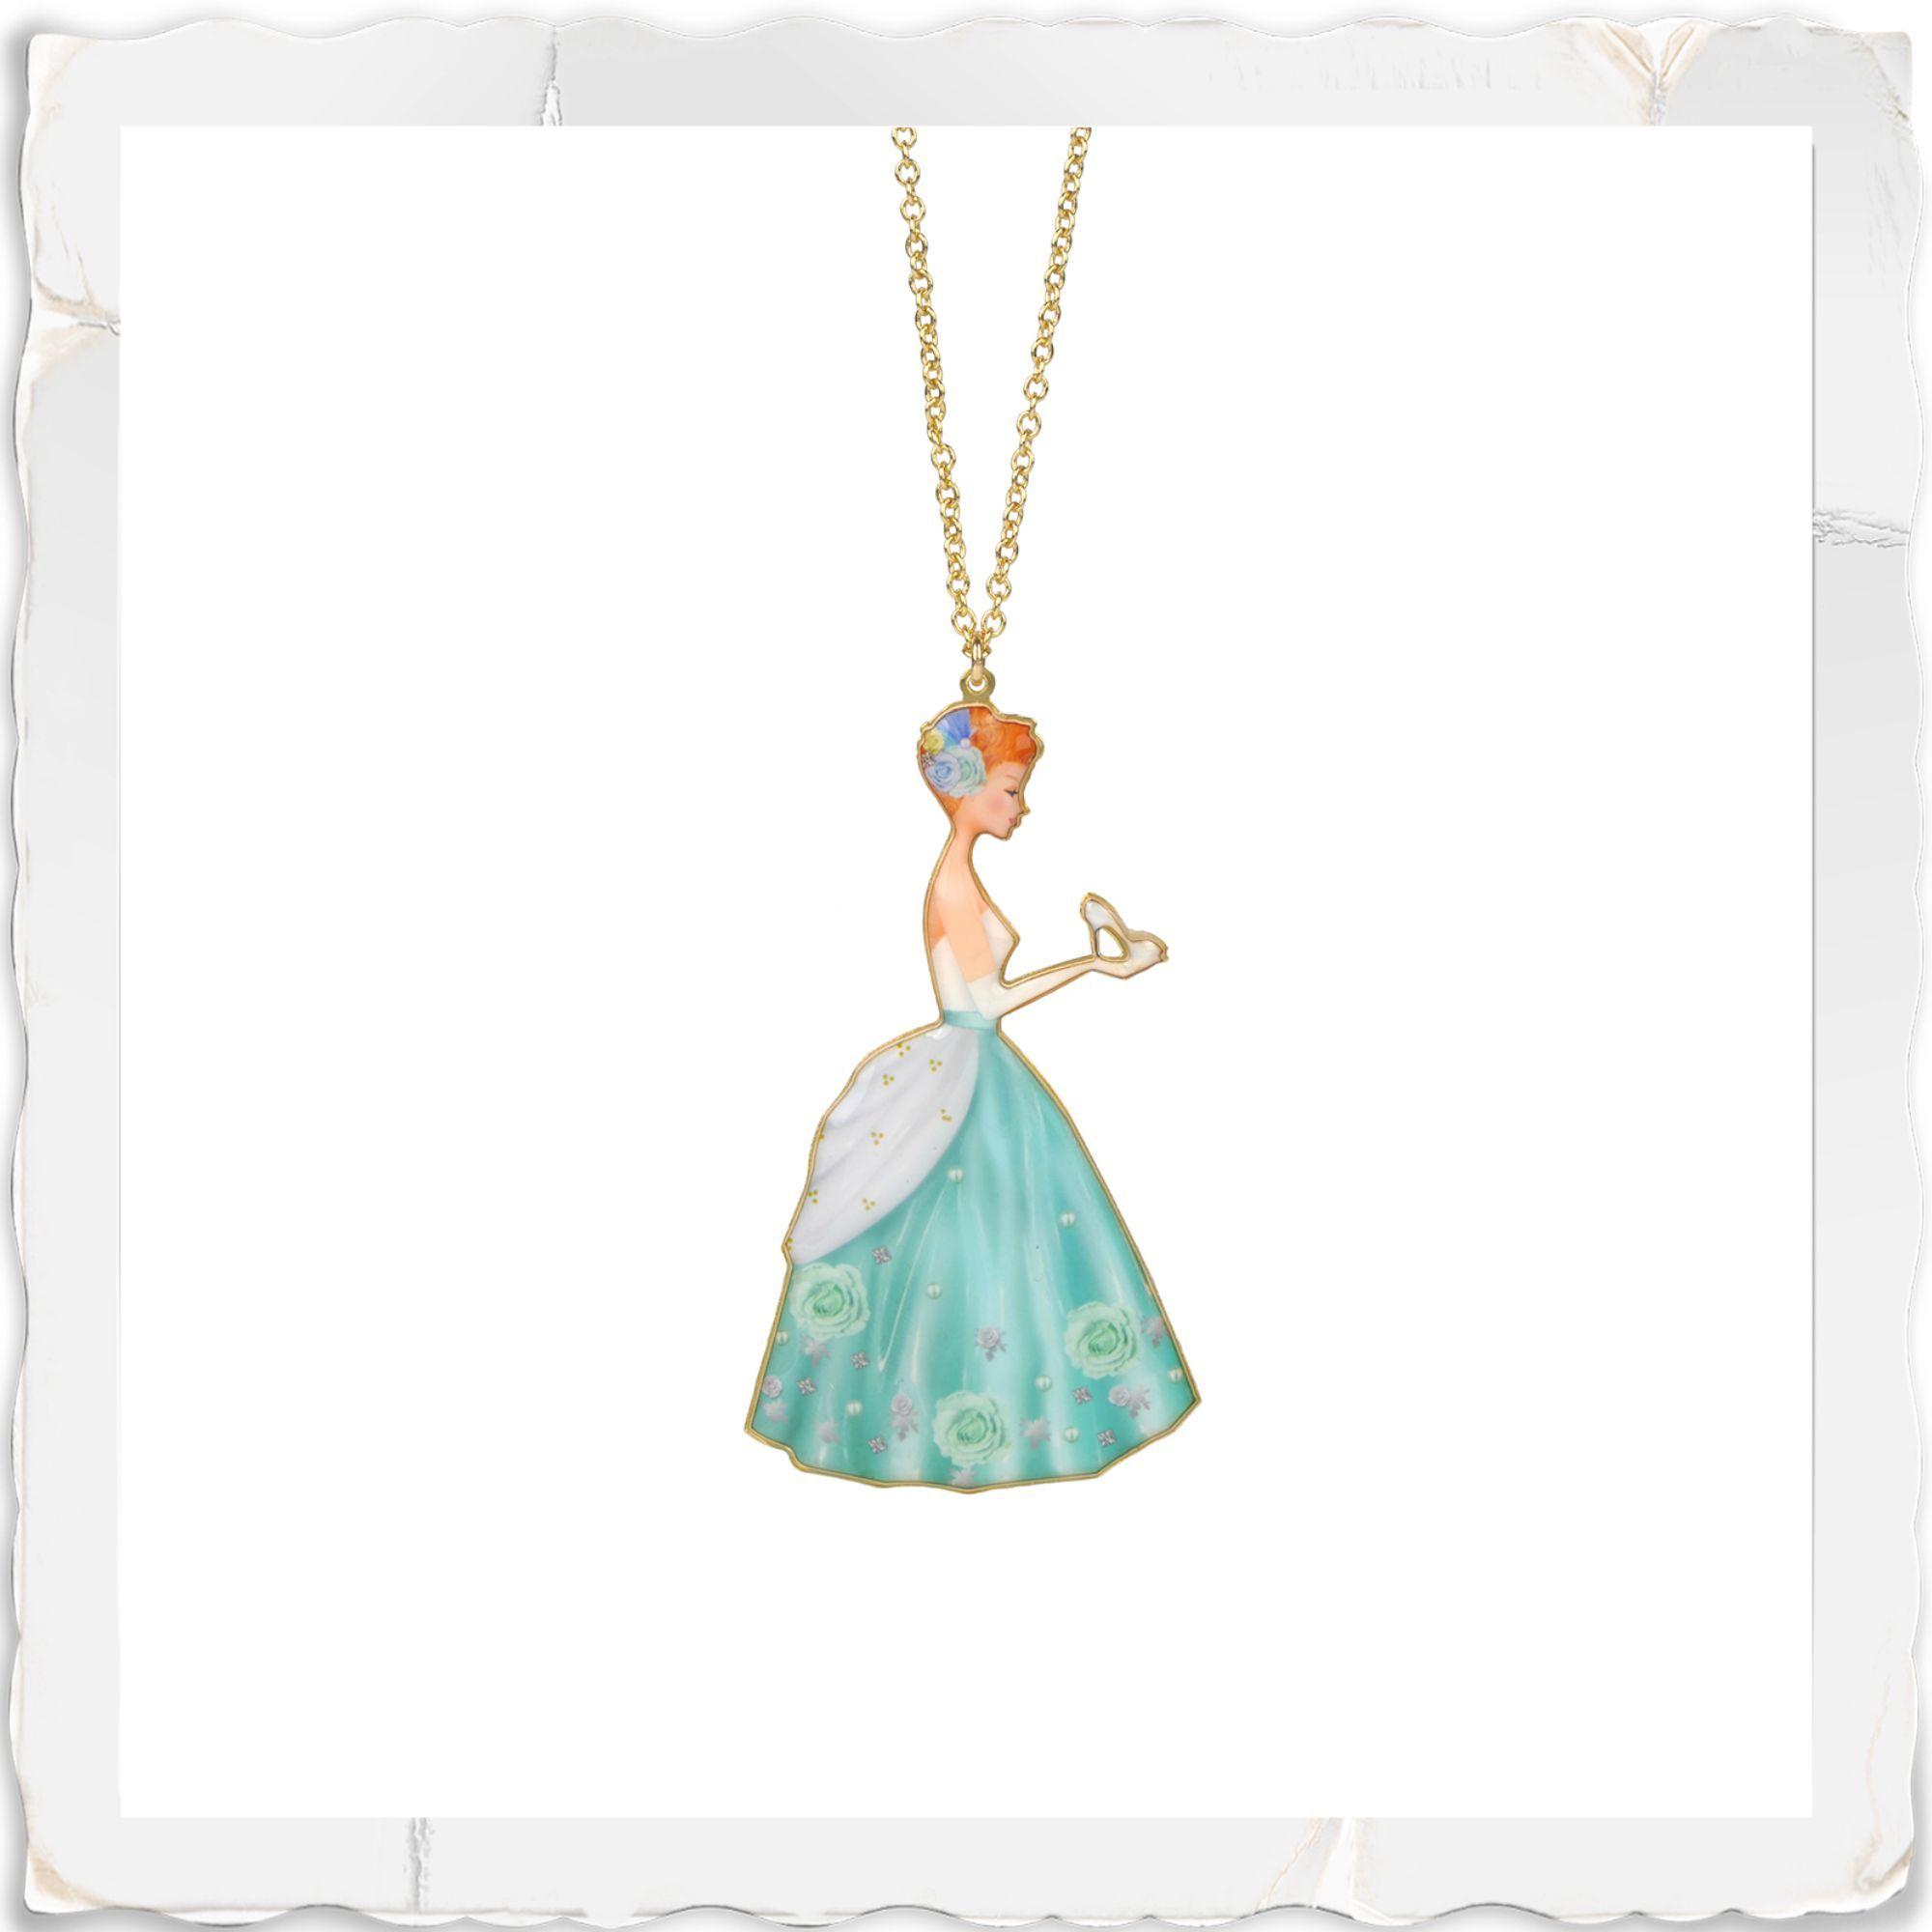 Cinderella slipper necklace cinderella slipper jewelry cinderella slipper necklace aloadofball Images